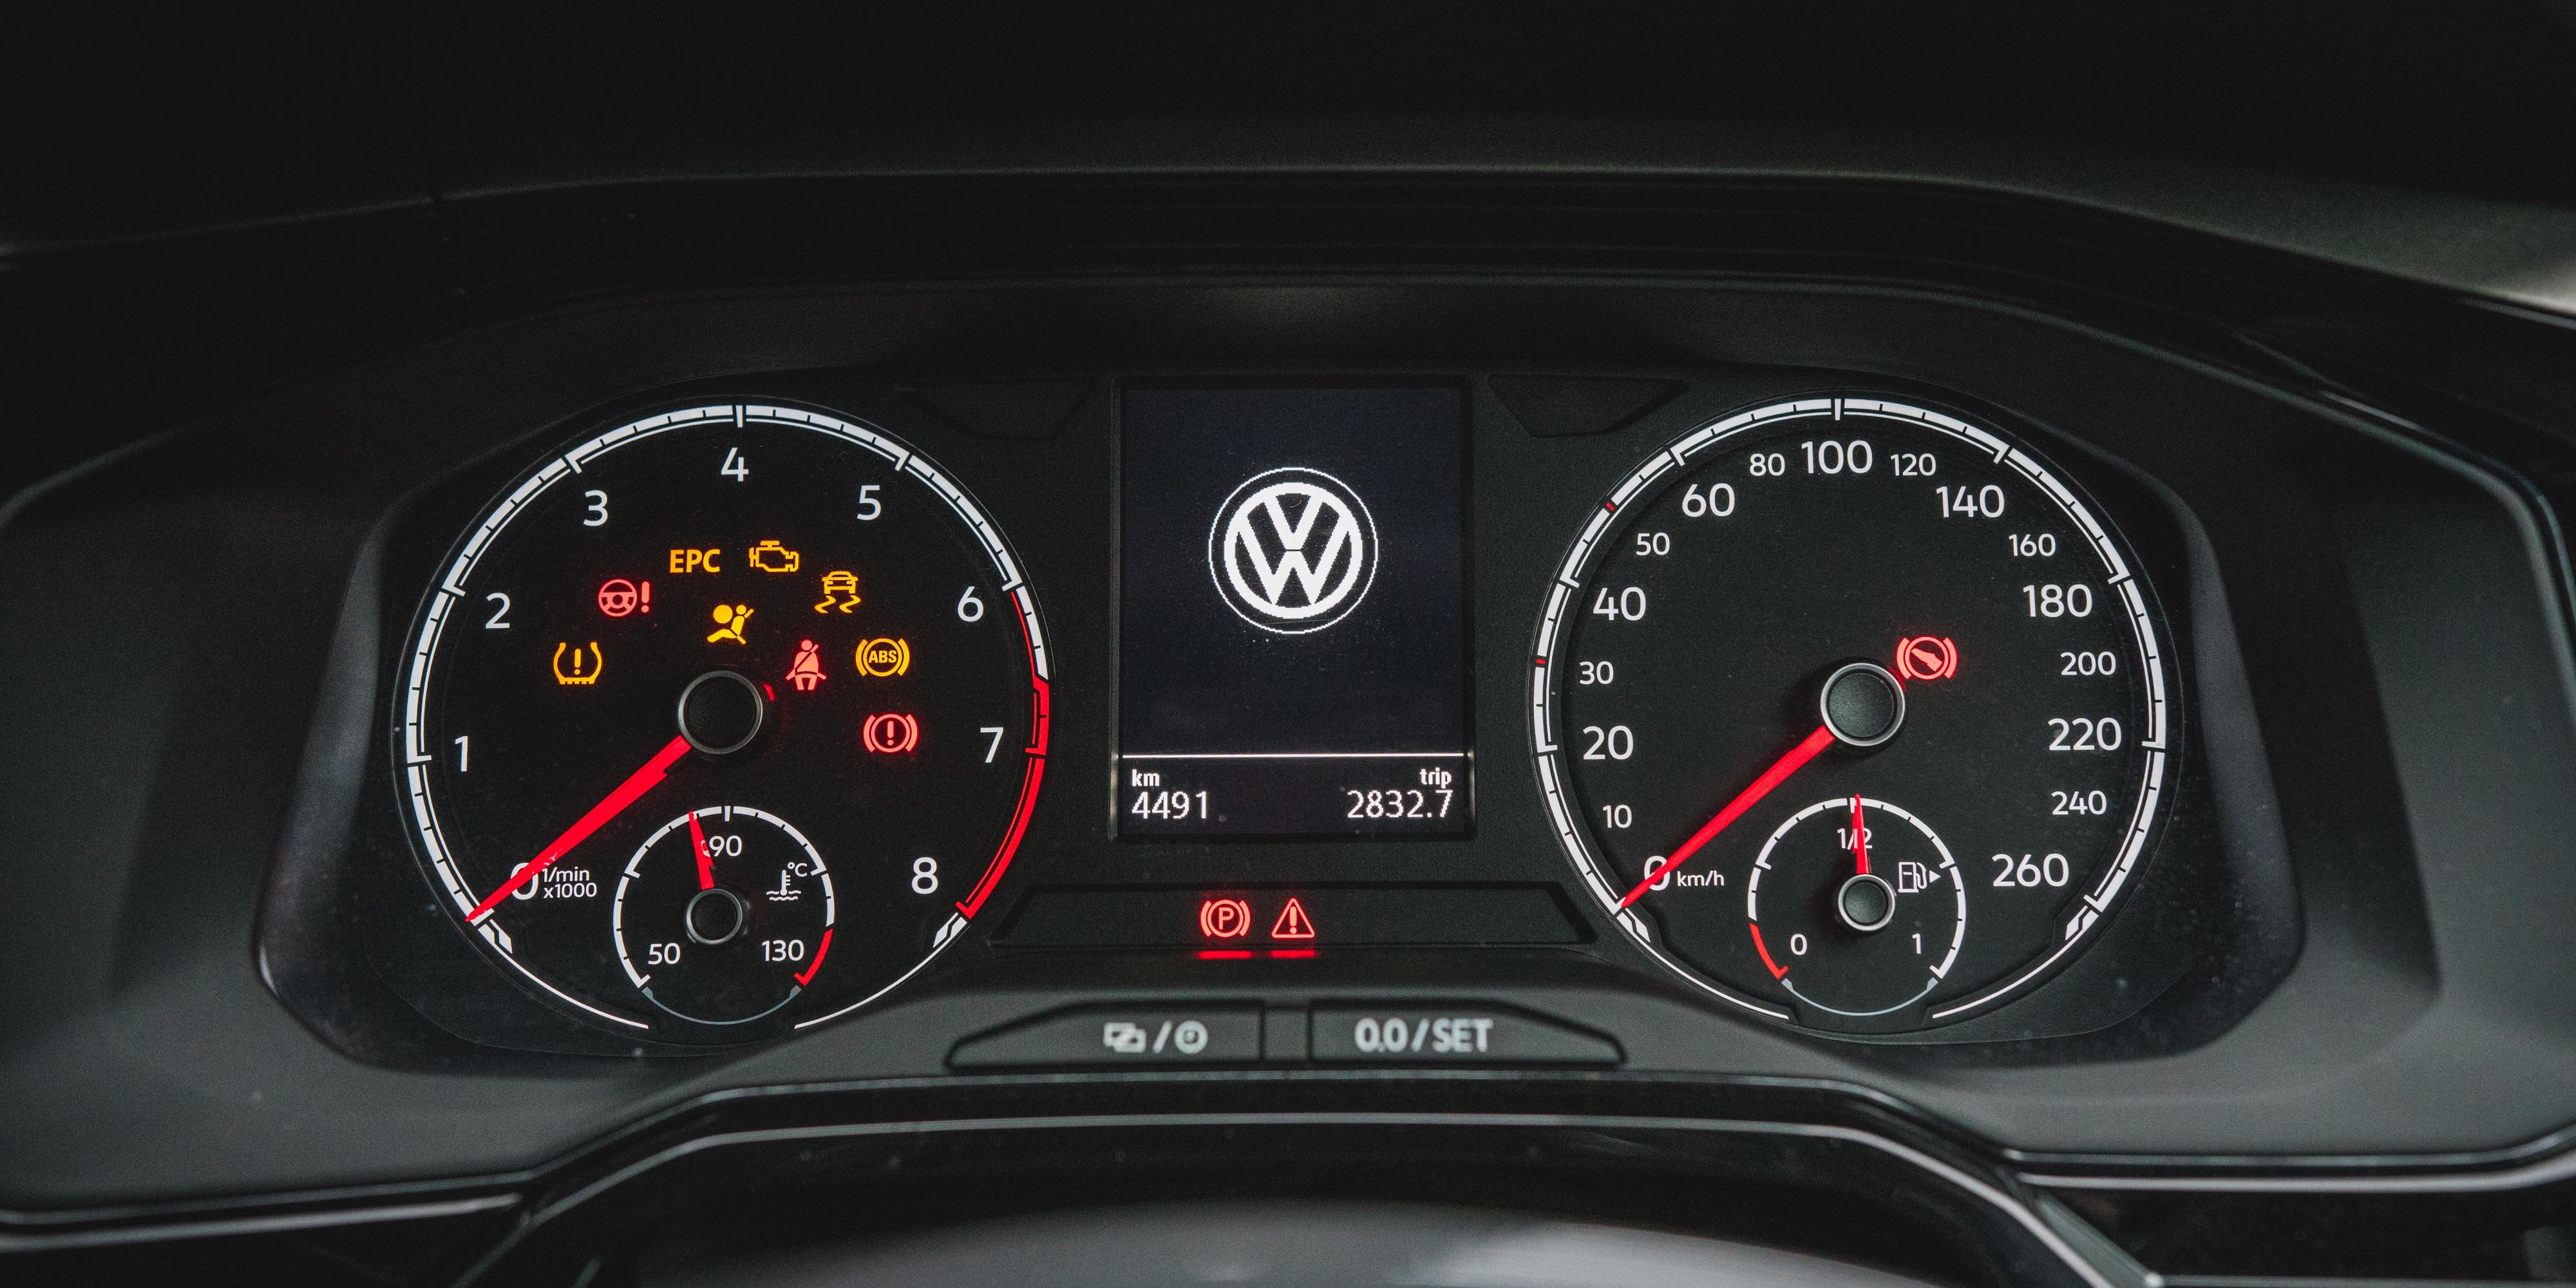 2018 Citroen C3 Shine v Volkswagen Polo Launch Edition